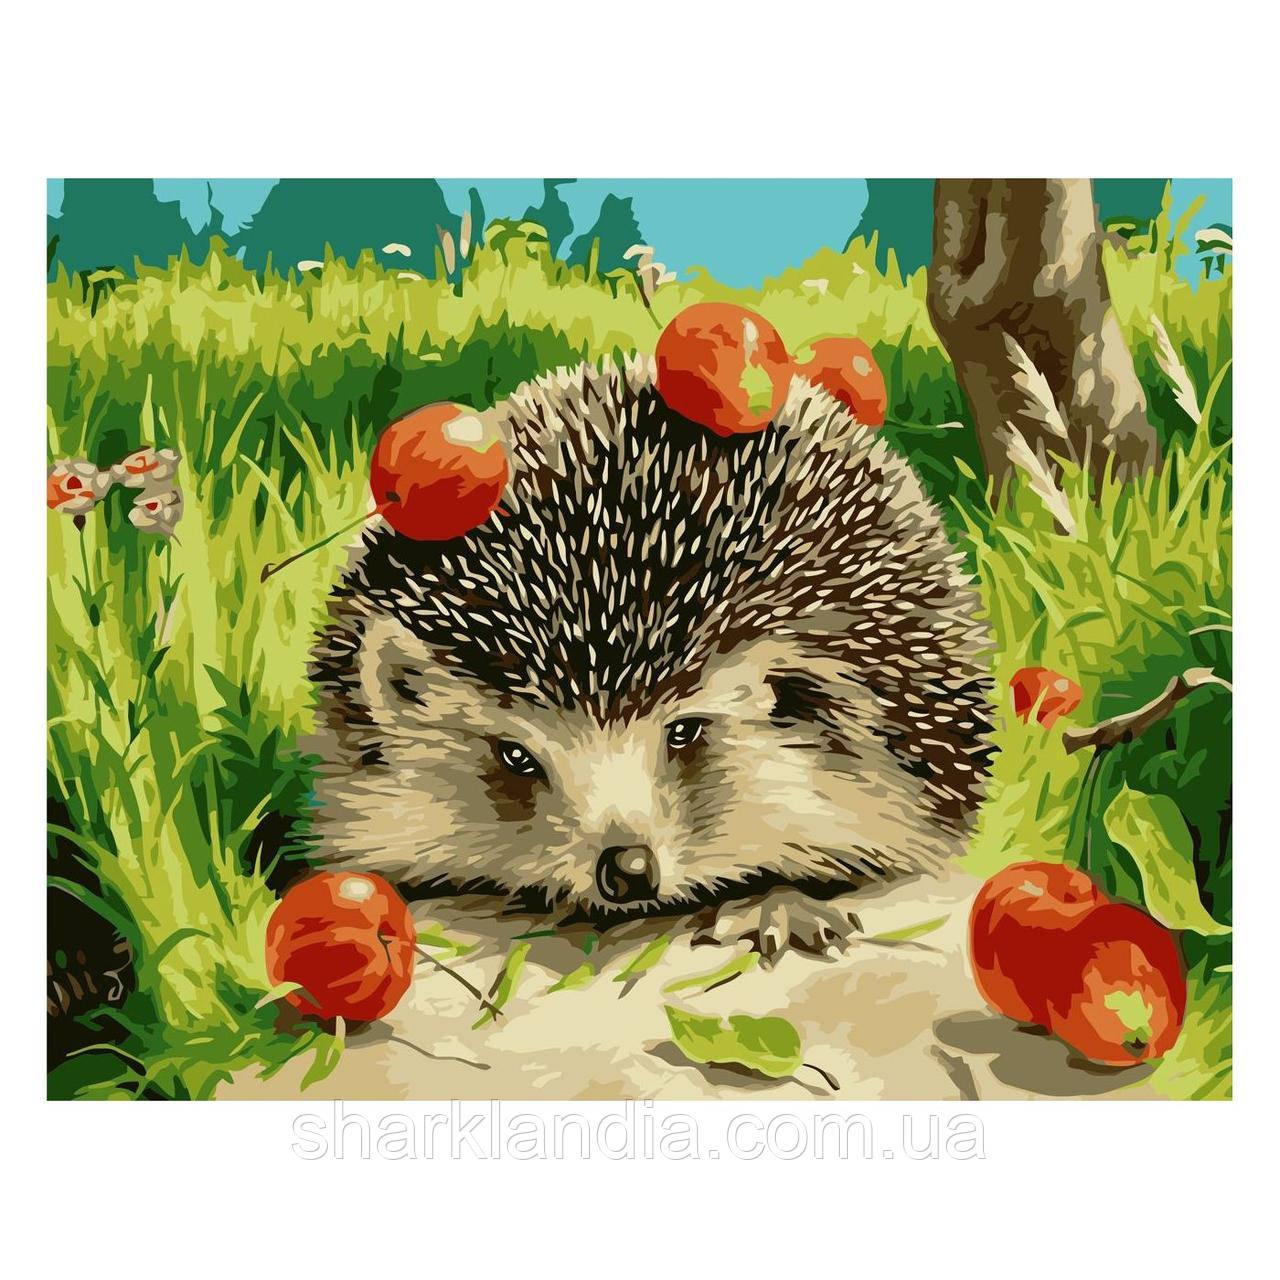 Картина по номерам Ежик с яблоками 30х40 см Strateg Раскраски Еж Для начинающих